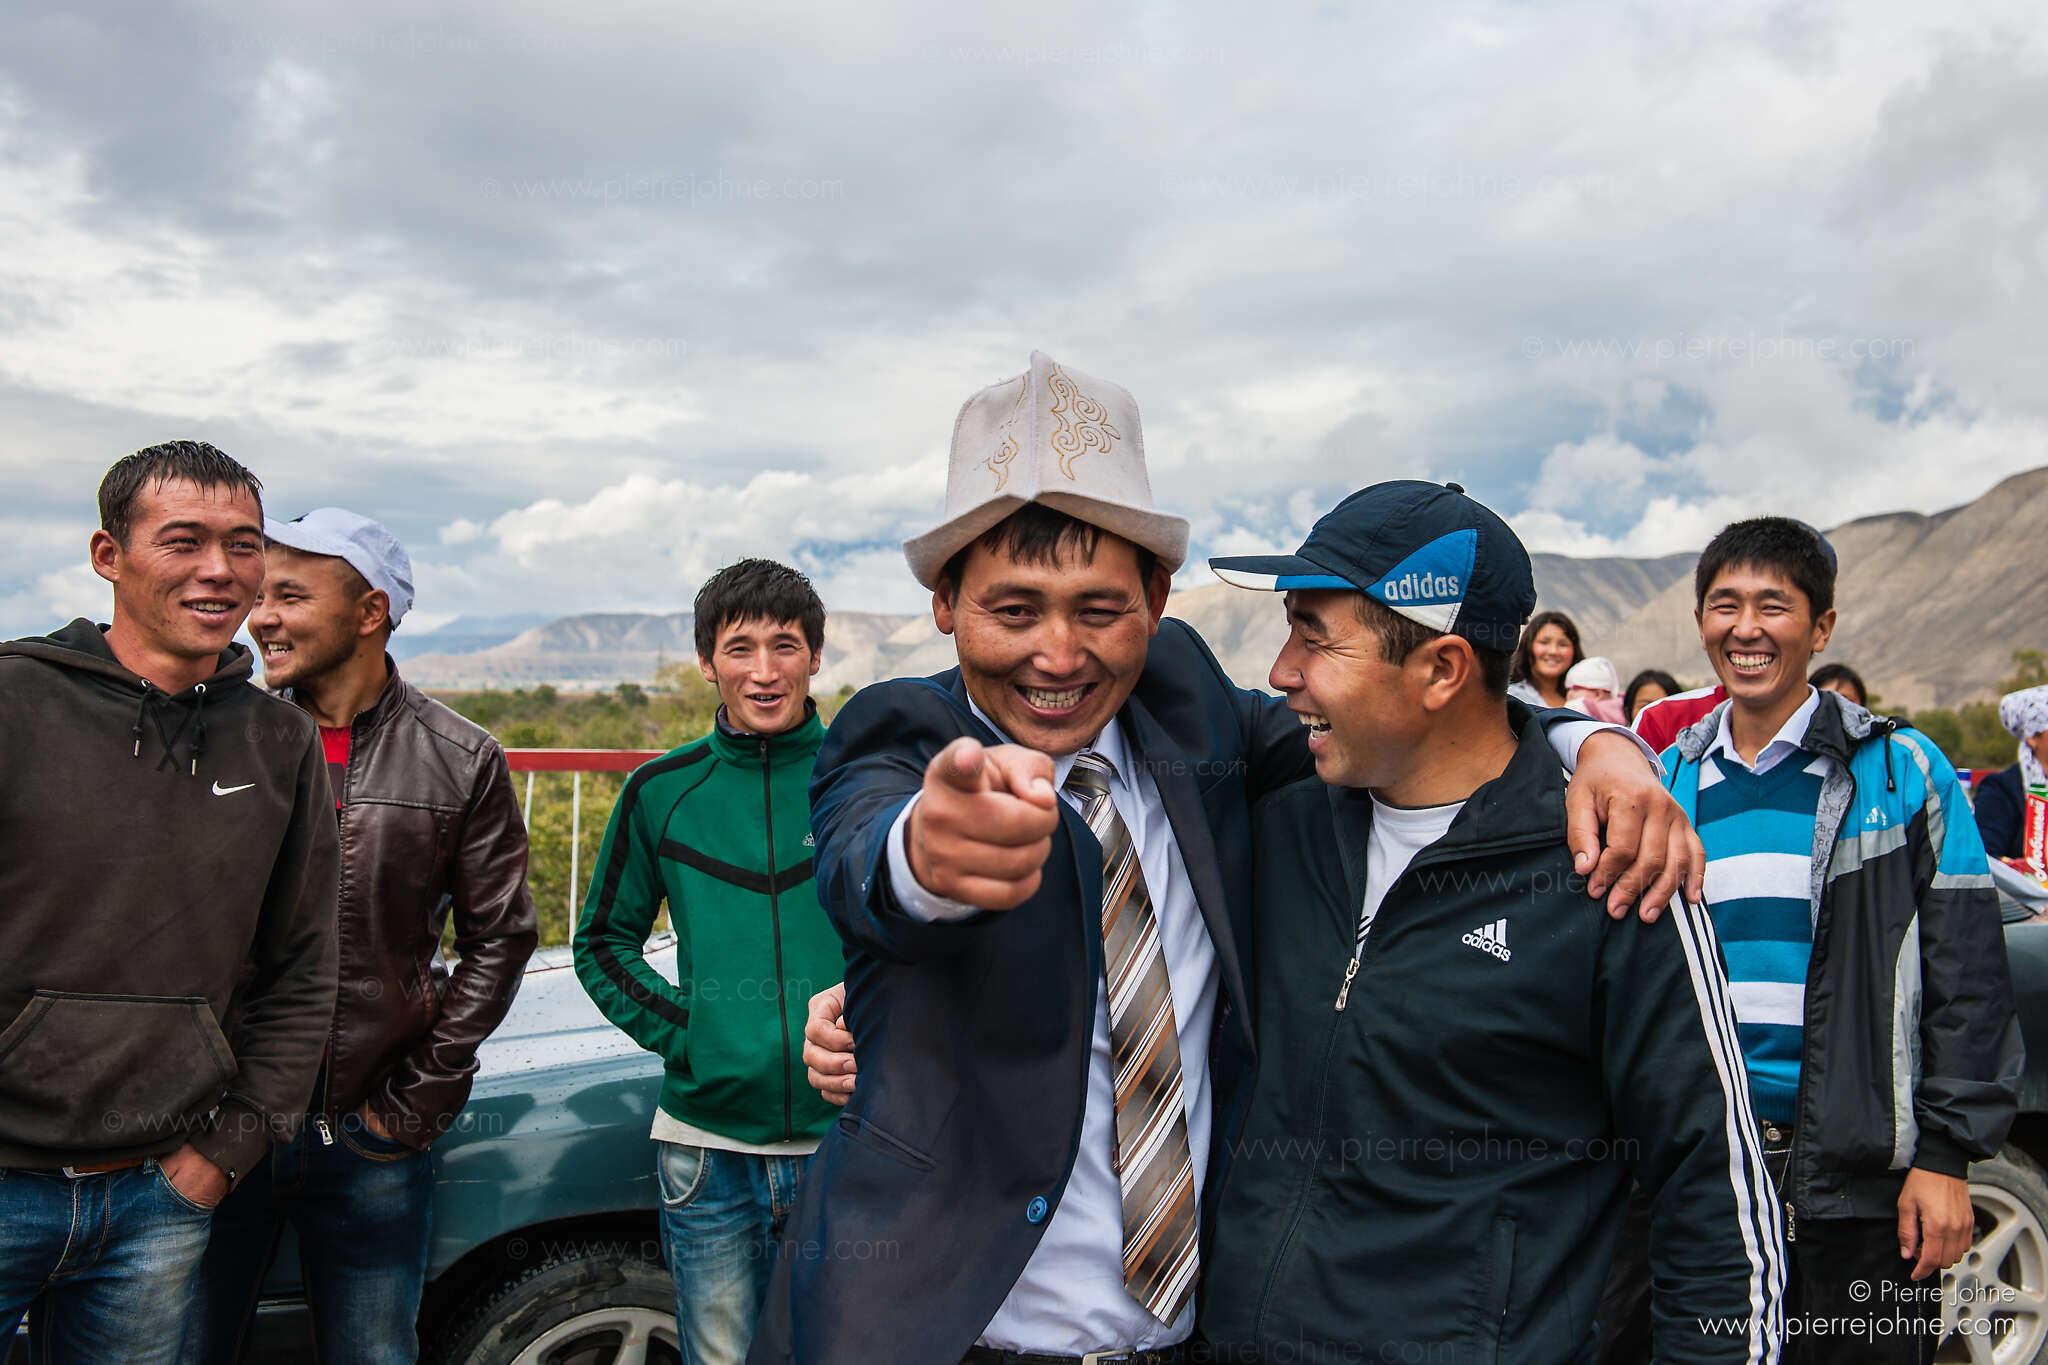 A Kyrgyz Wedding, Dschalalabat, Kyrgyzstan